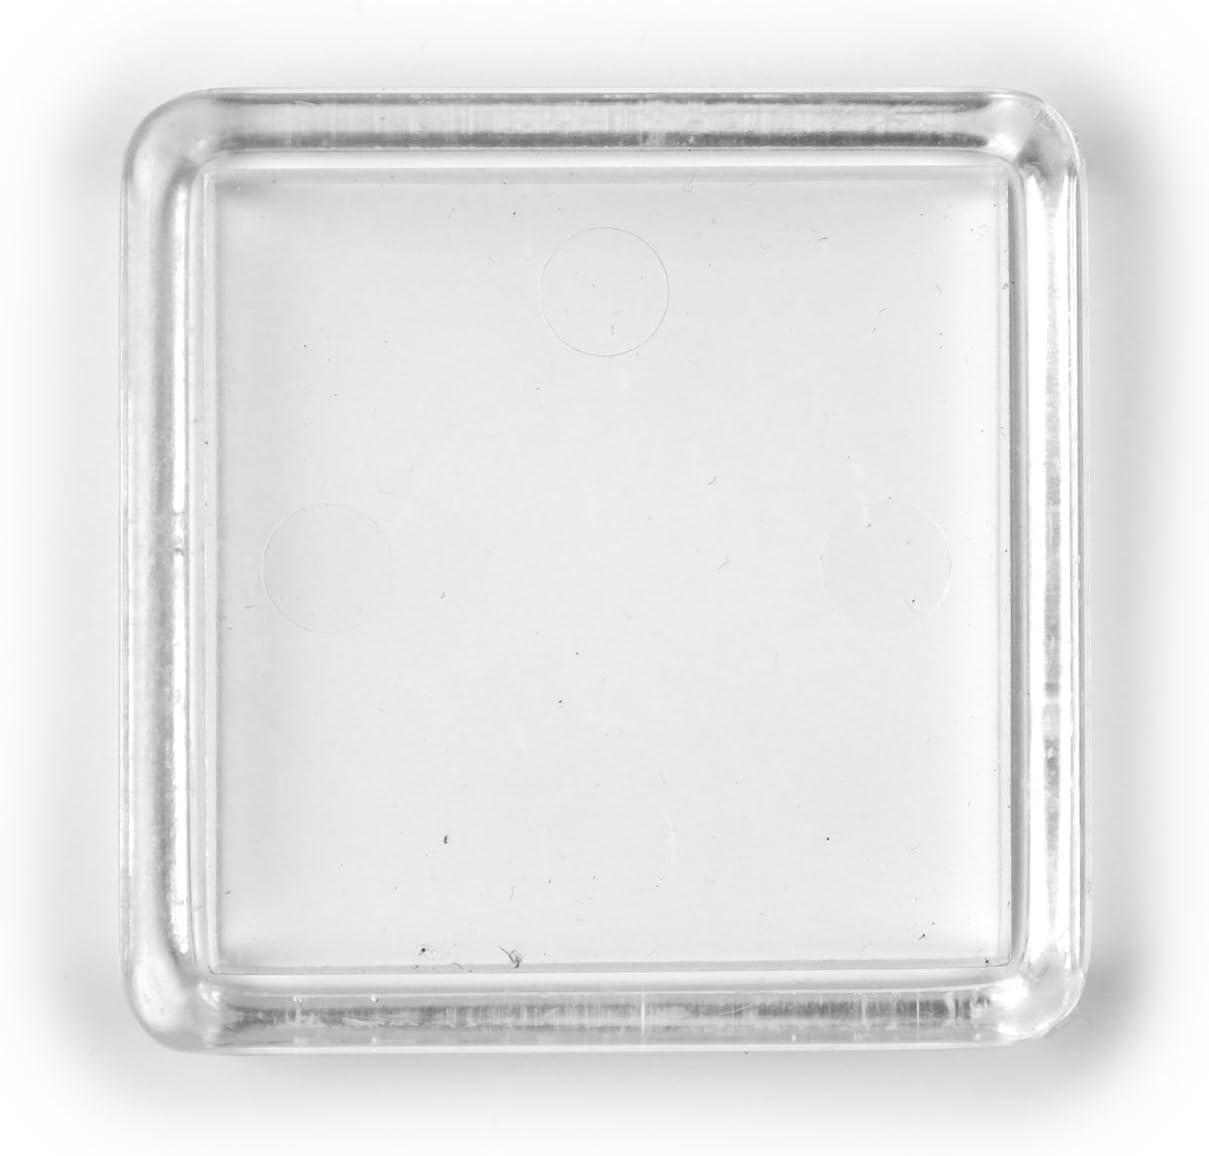 4 pi/èces Transparent Tables K.D.J 35 x 35 mm /à lint/érieur Fabriqu/é en Allemagne Meubles Brand Patins Capuchons pour Pieds de chaises